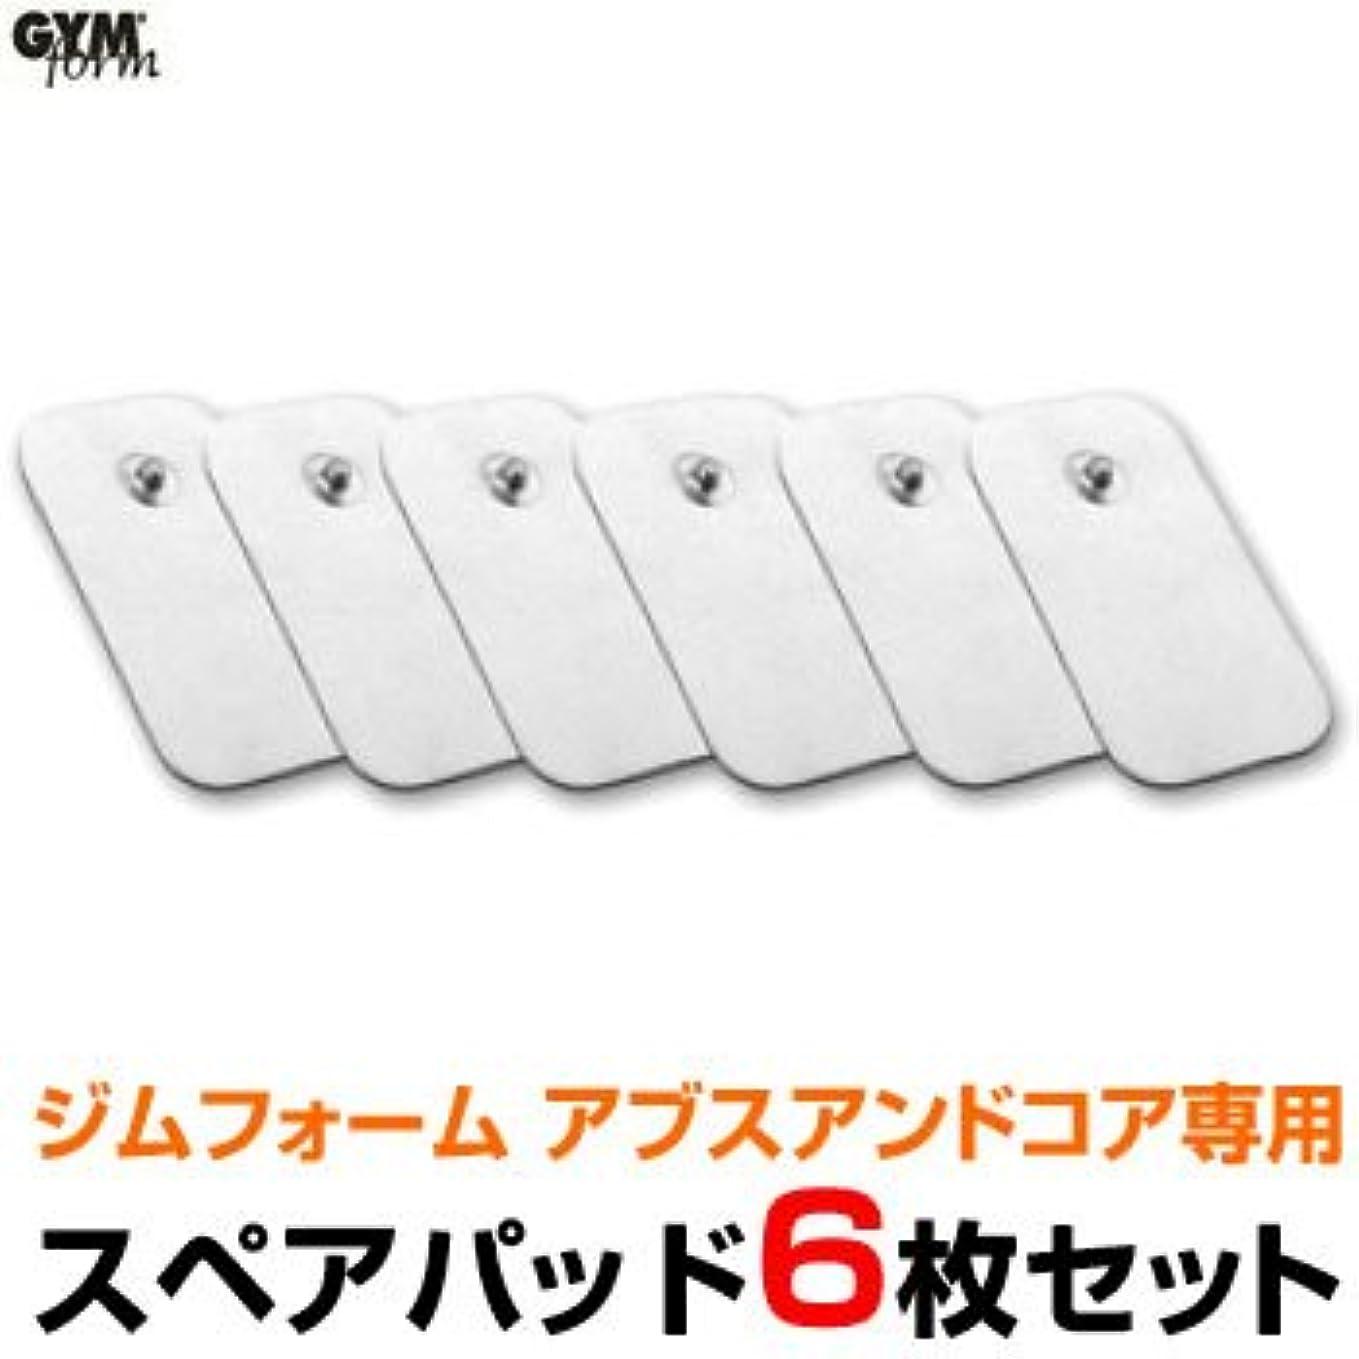 連結する食物エスカレータージムフォーム アブス&コア専用スペアパッド(GYMform ABS&CORE)6枚セット